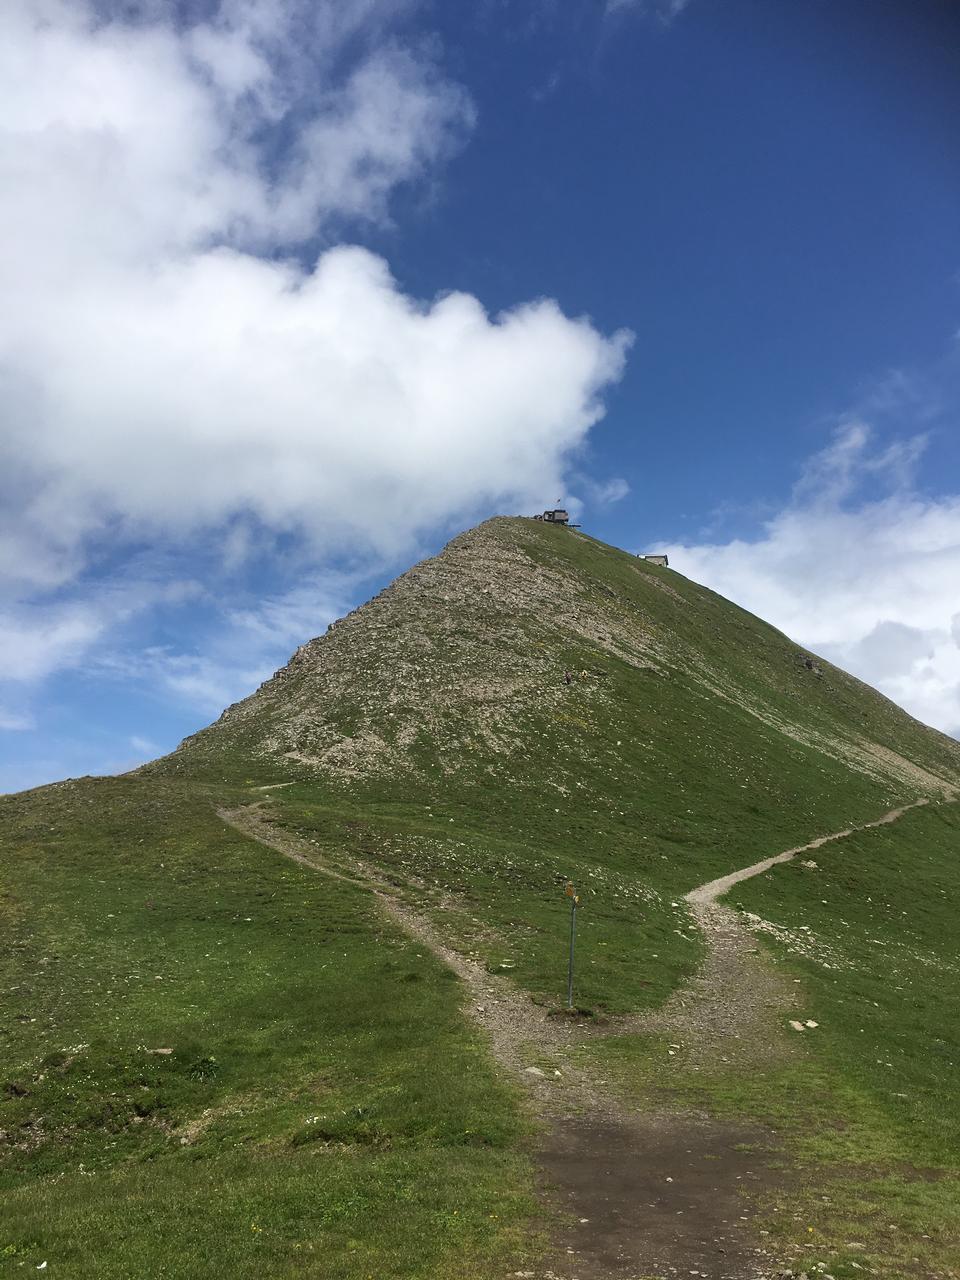 少女峰,Monch,瑞士艾格峰北高地